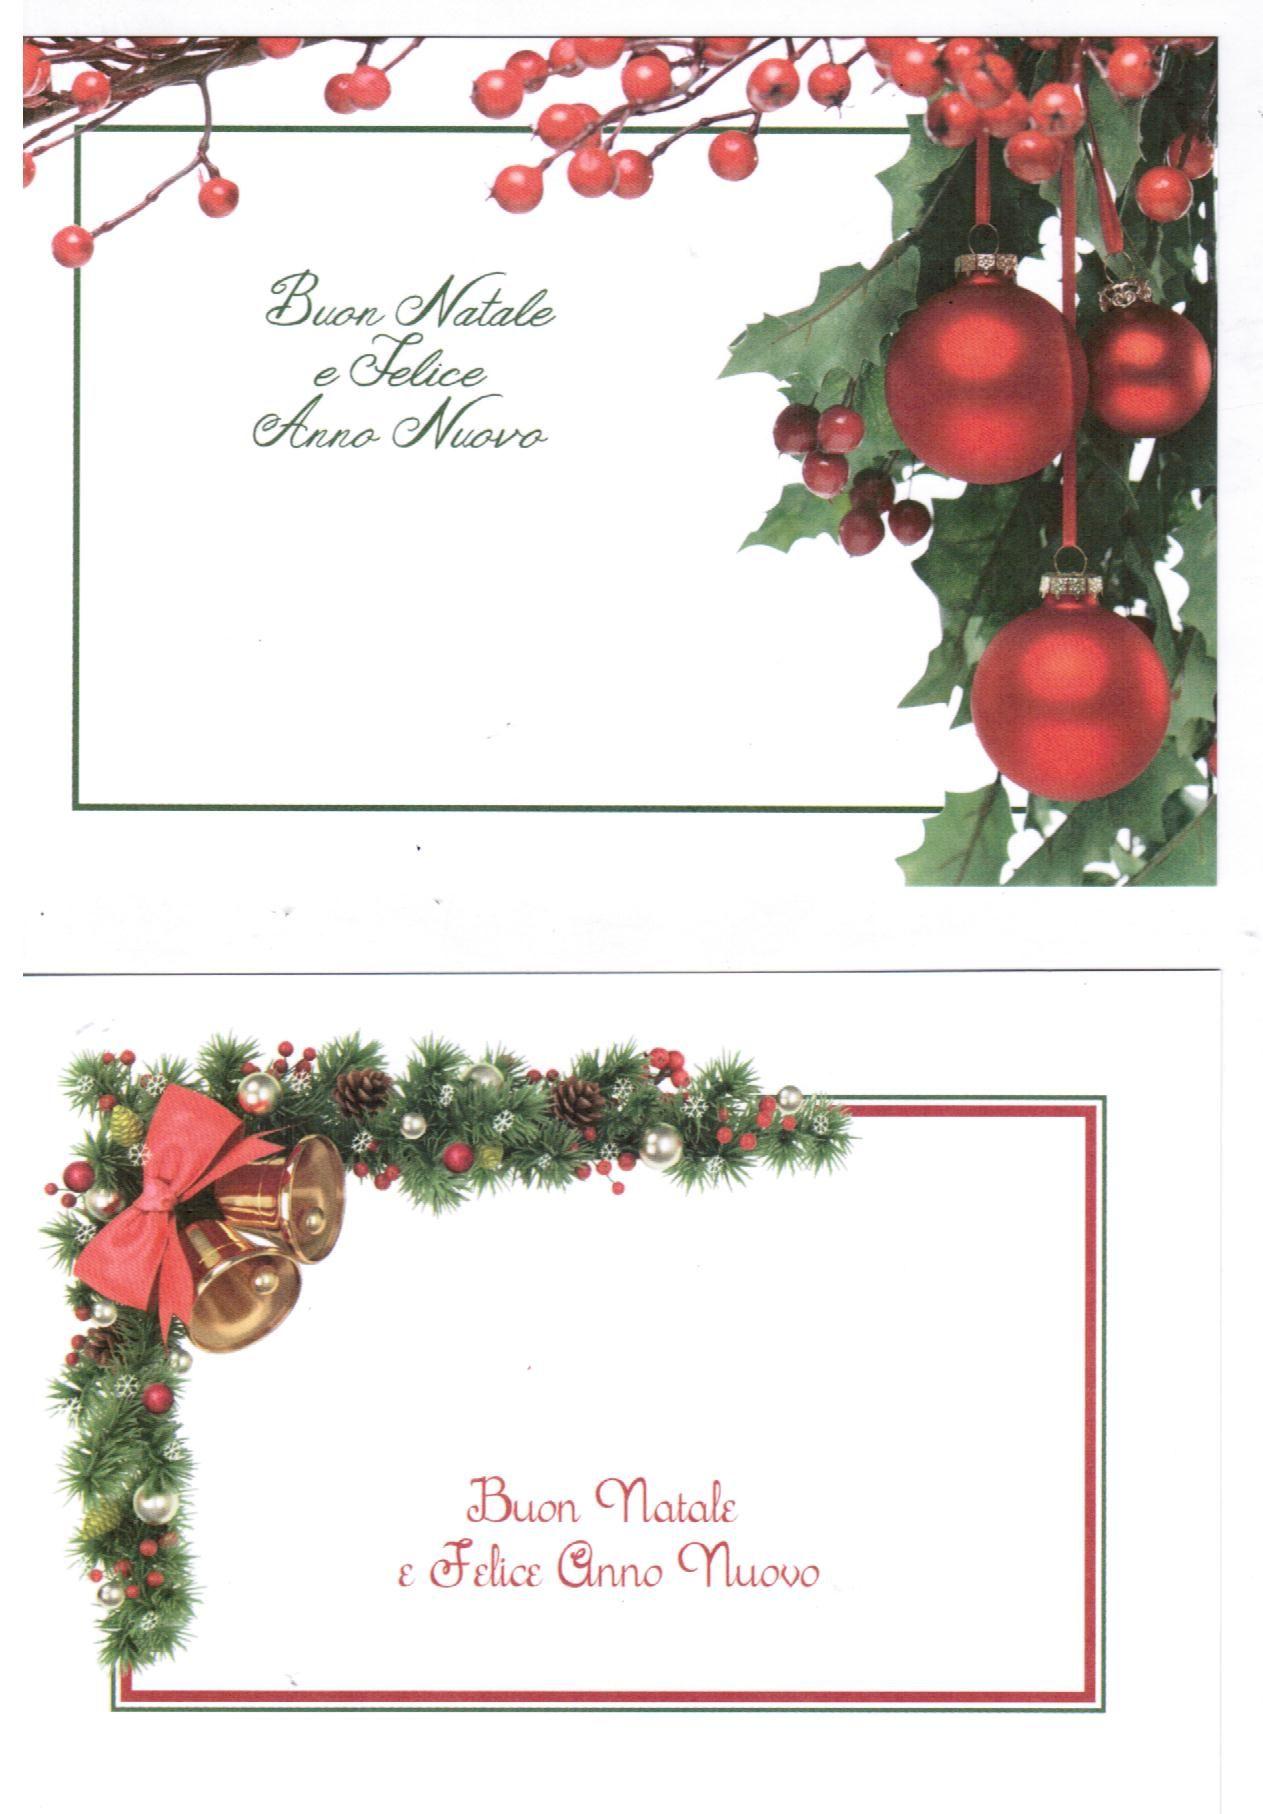 Buon Natale Particolare.Biglietti Auguri Monofaccia Buon Natale E Felice Anno Nuovo 2 Pezzi